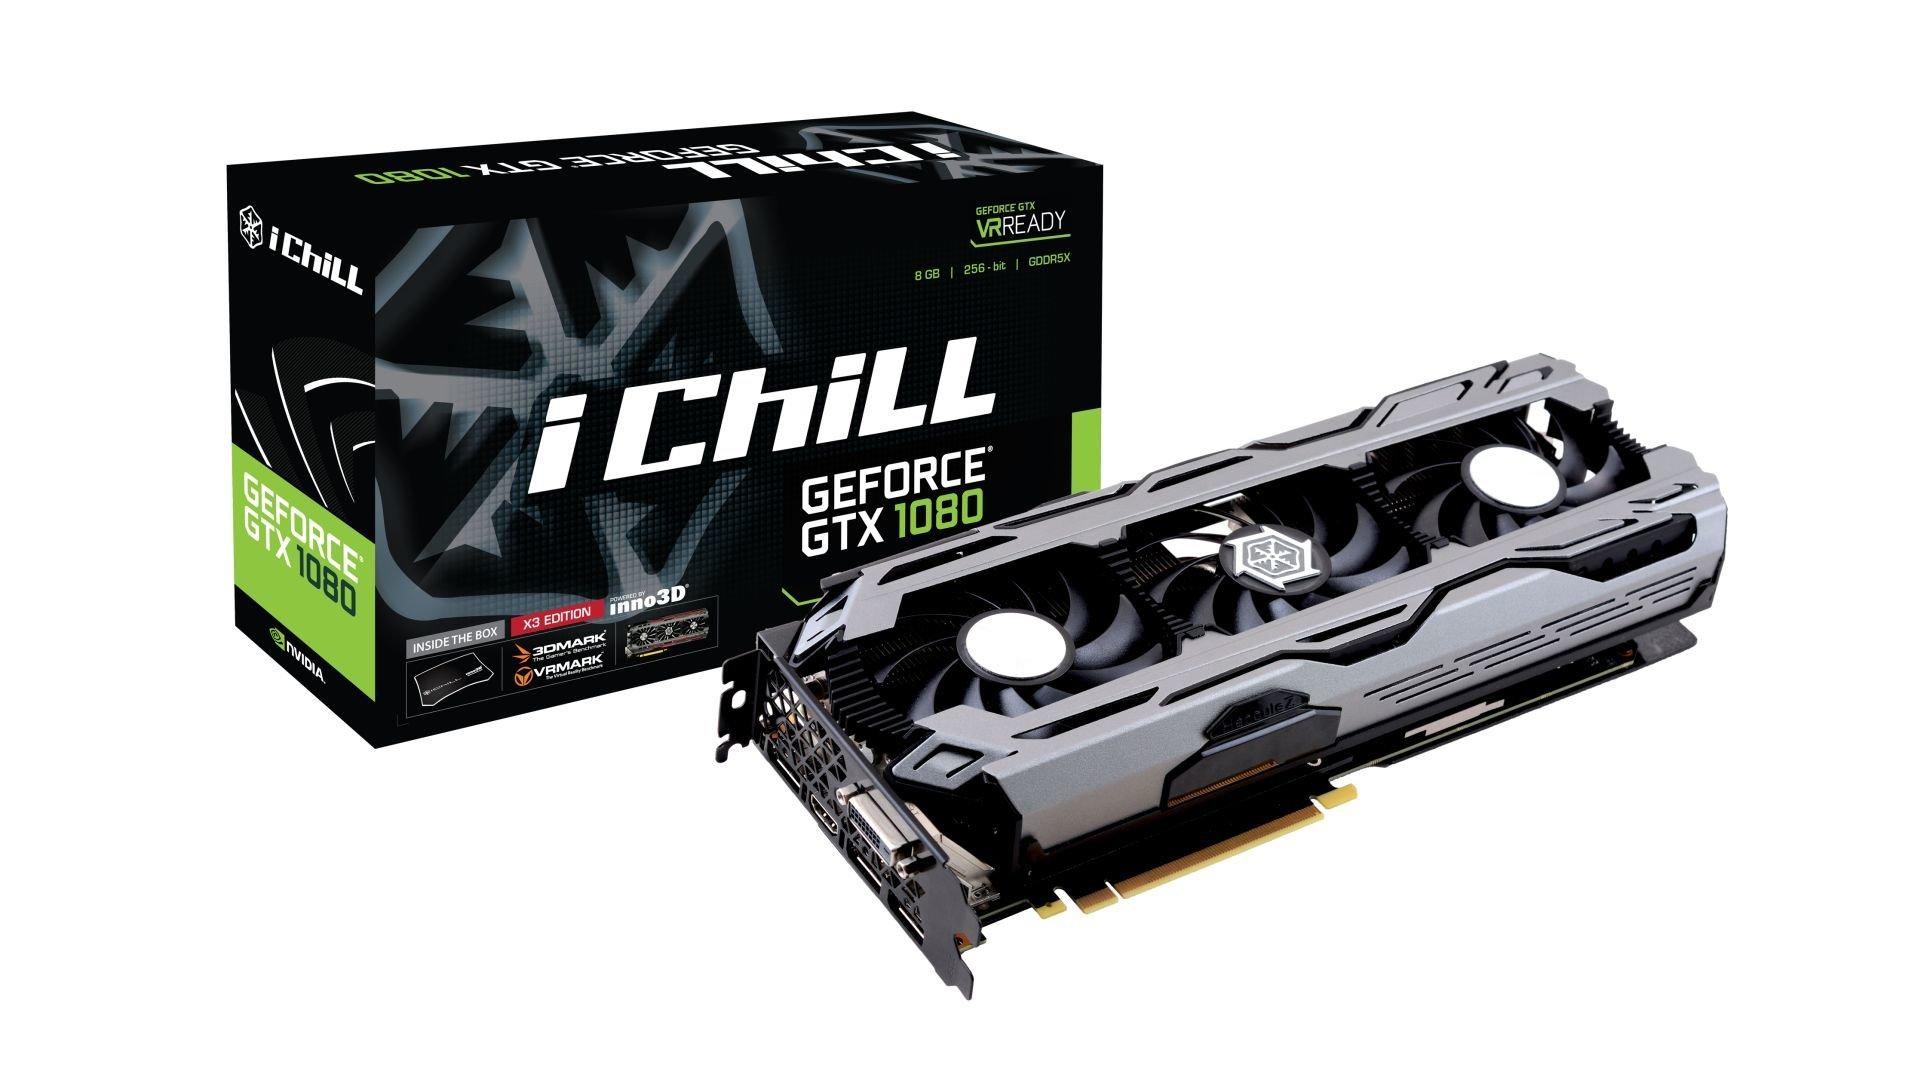 iChiLL GeForce GTX 1080 X3